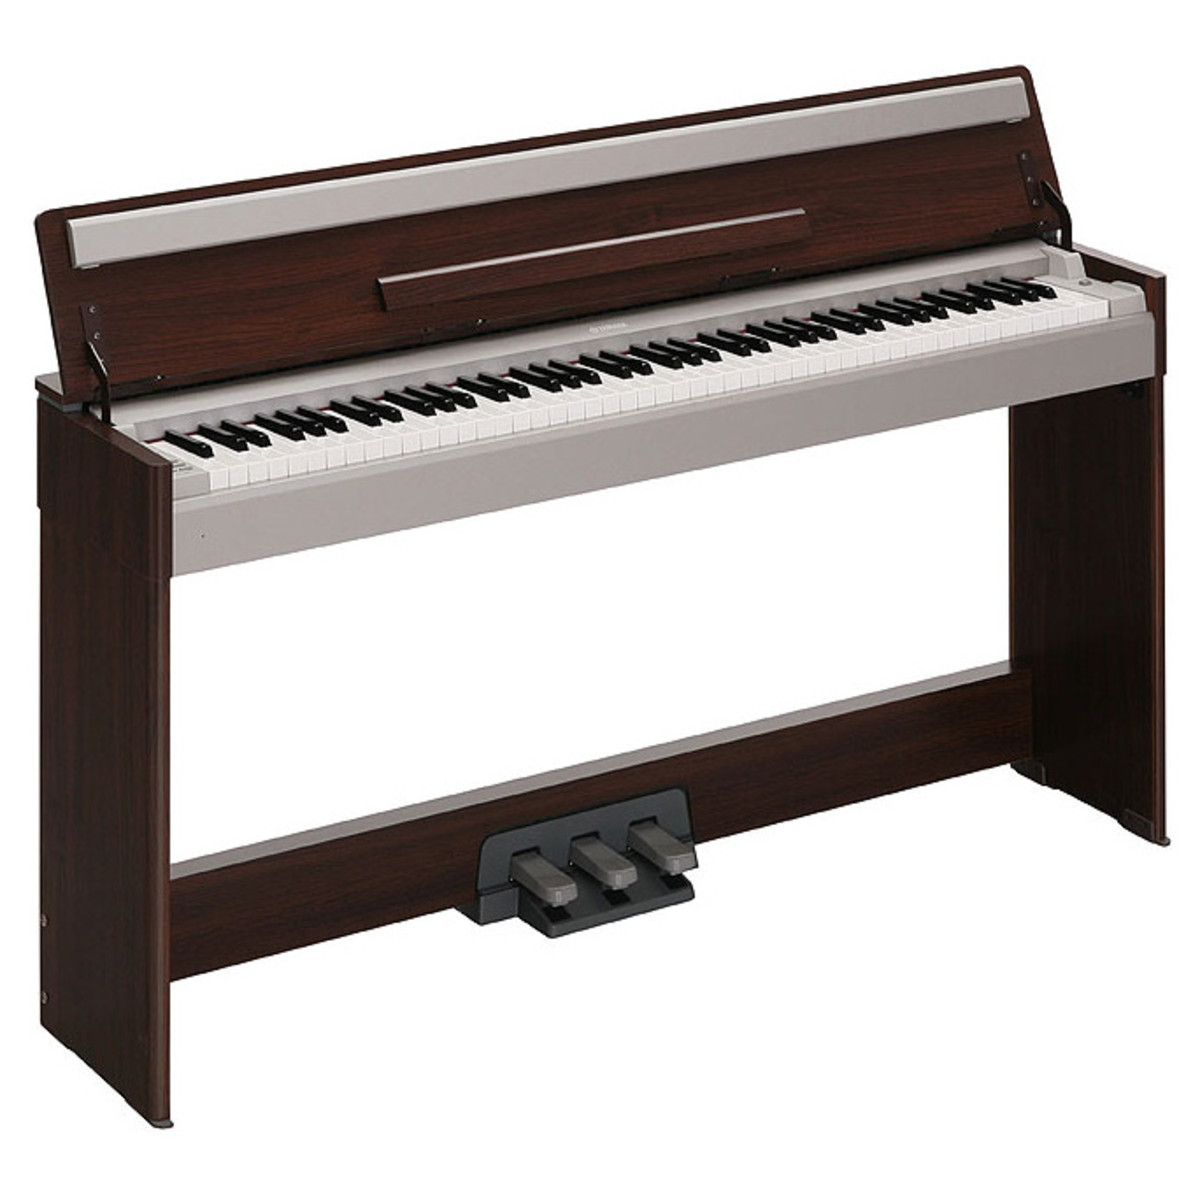 puis yamaha ydp s30 piano num rique palissandre. Black Bedroom Furniture Sets. Home Design Ideas